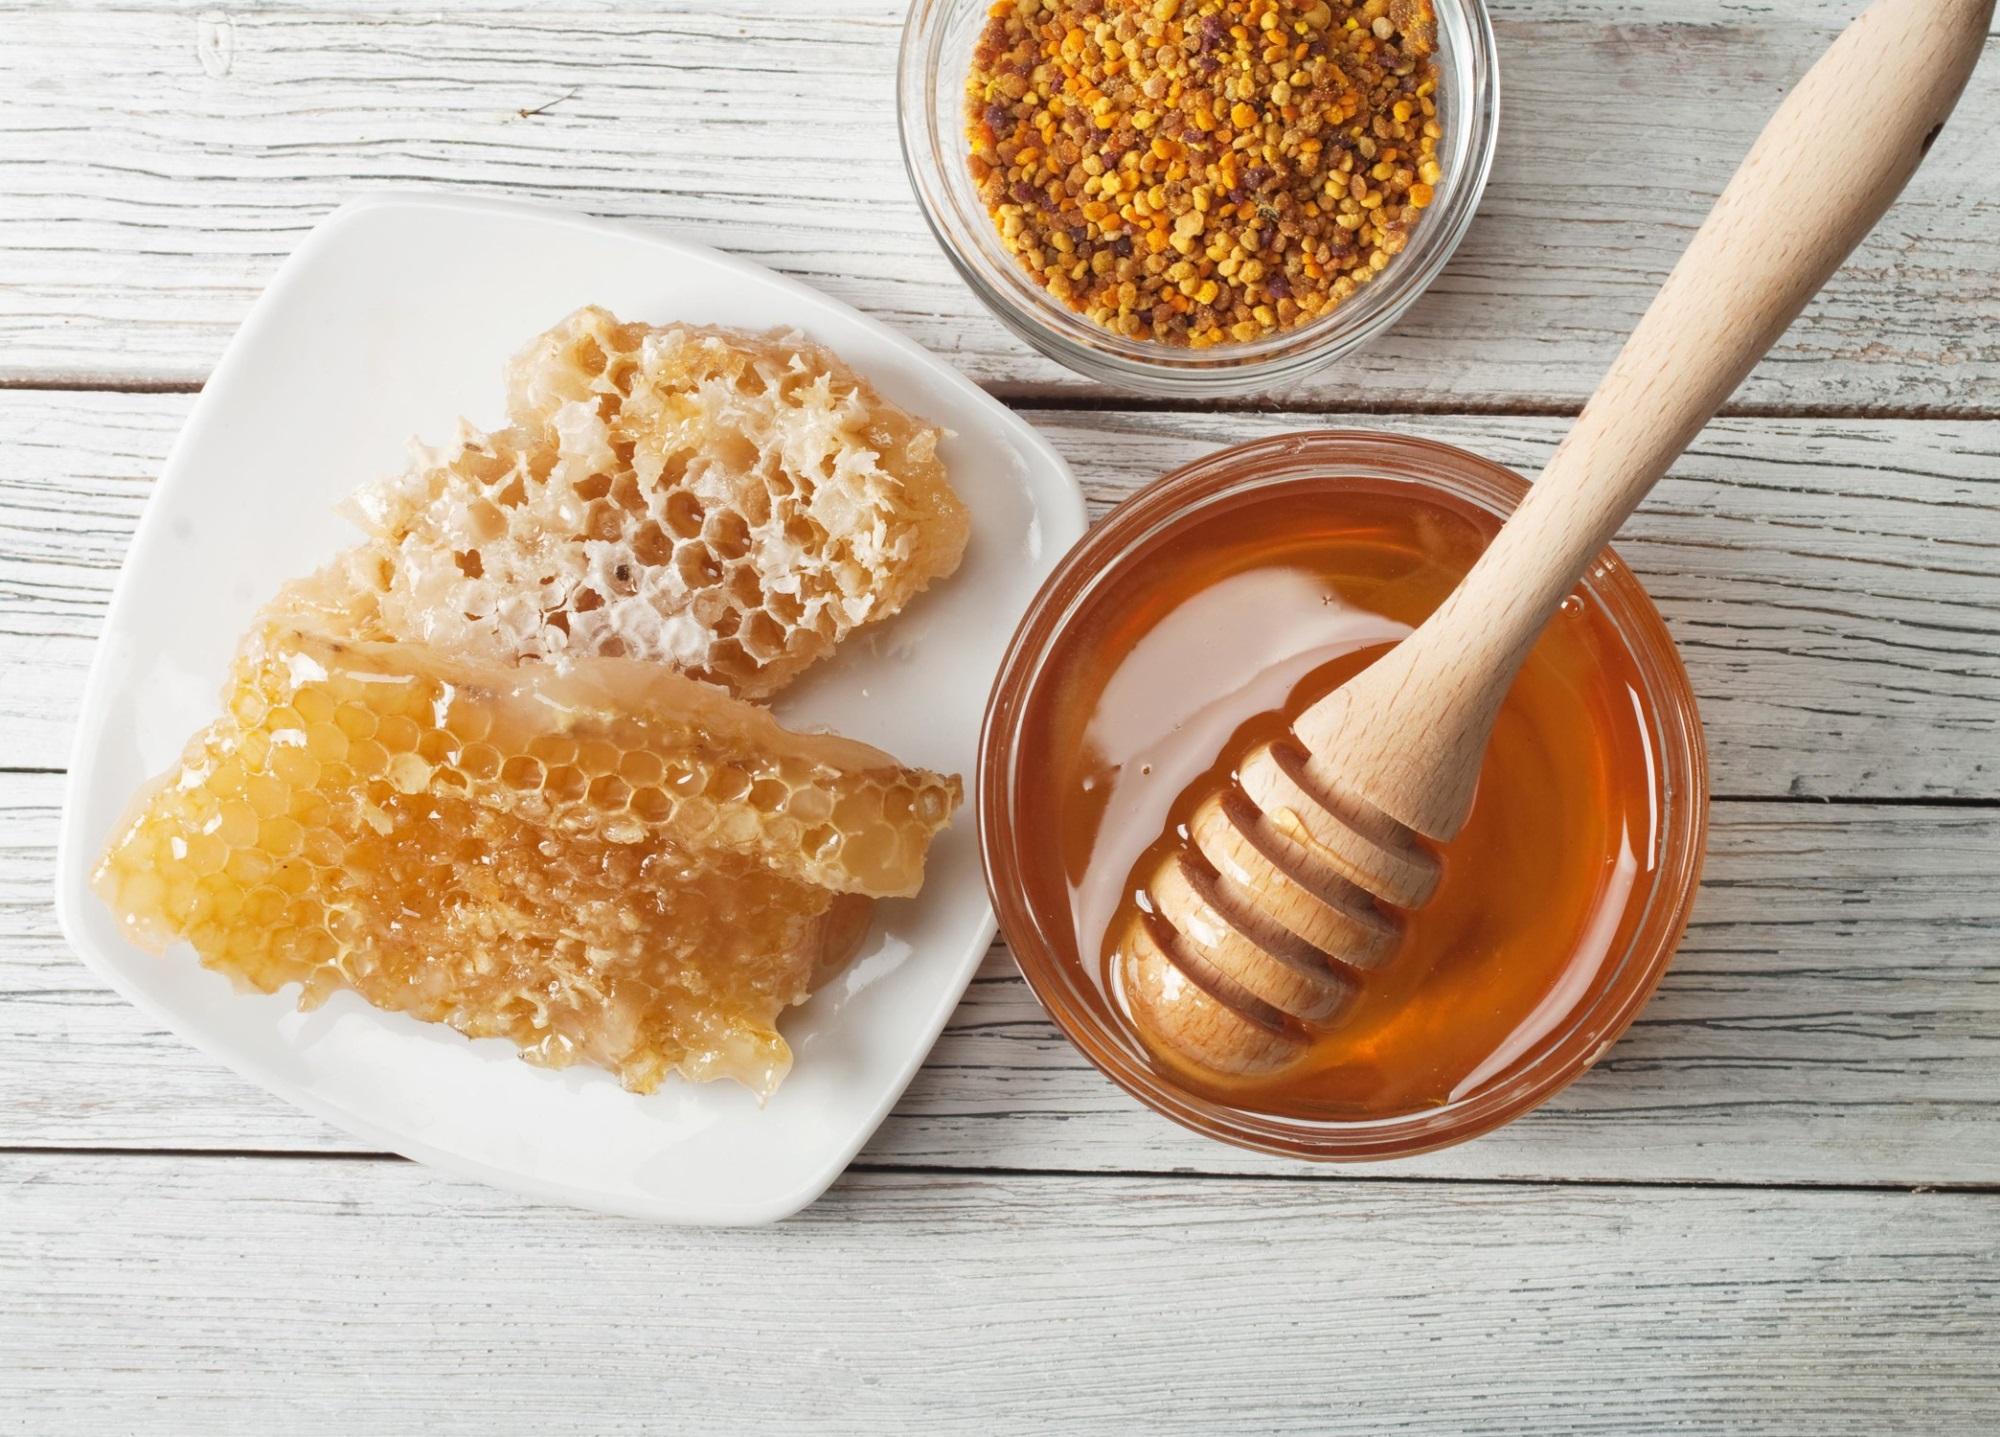 Lấy một ít hạt chia trộn đều với mật ong uống mỗi sáng, cơ thể nhận lấy những lợi ích không ngờ - Ảnh 3